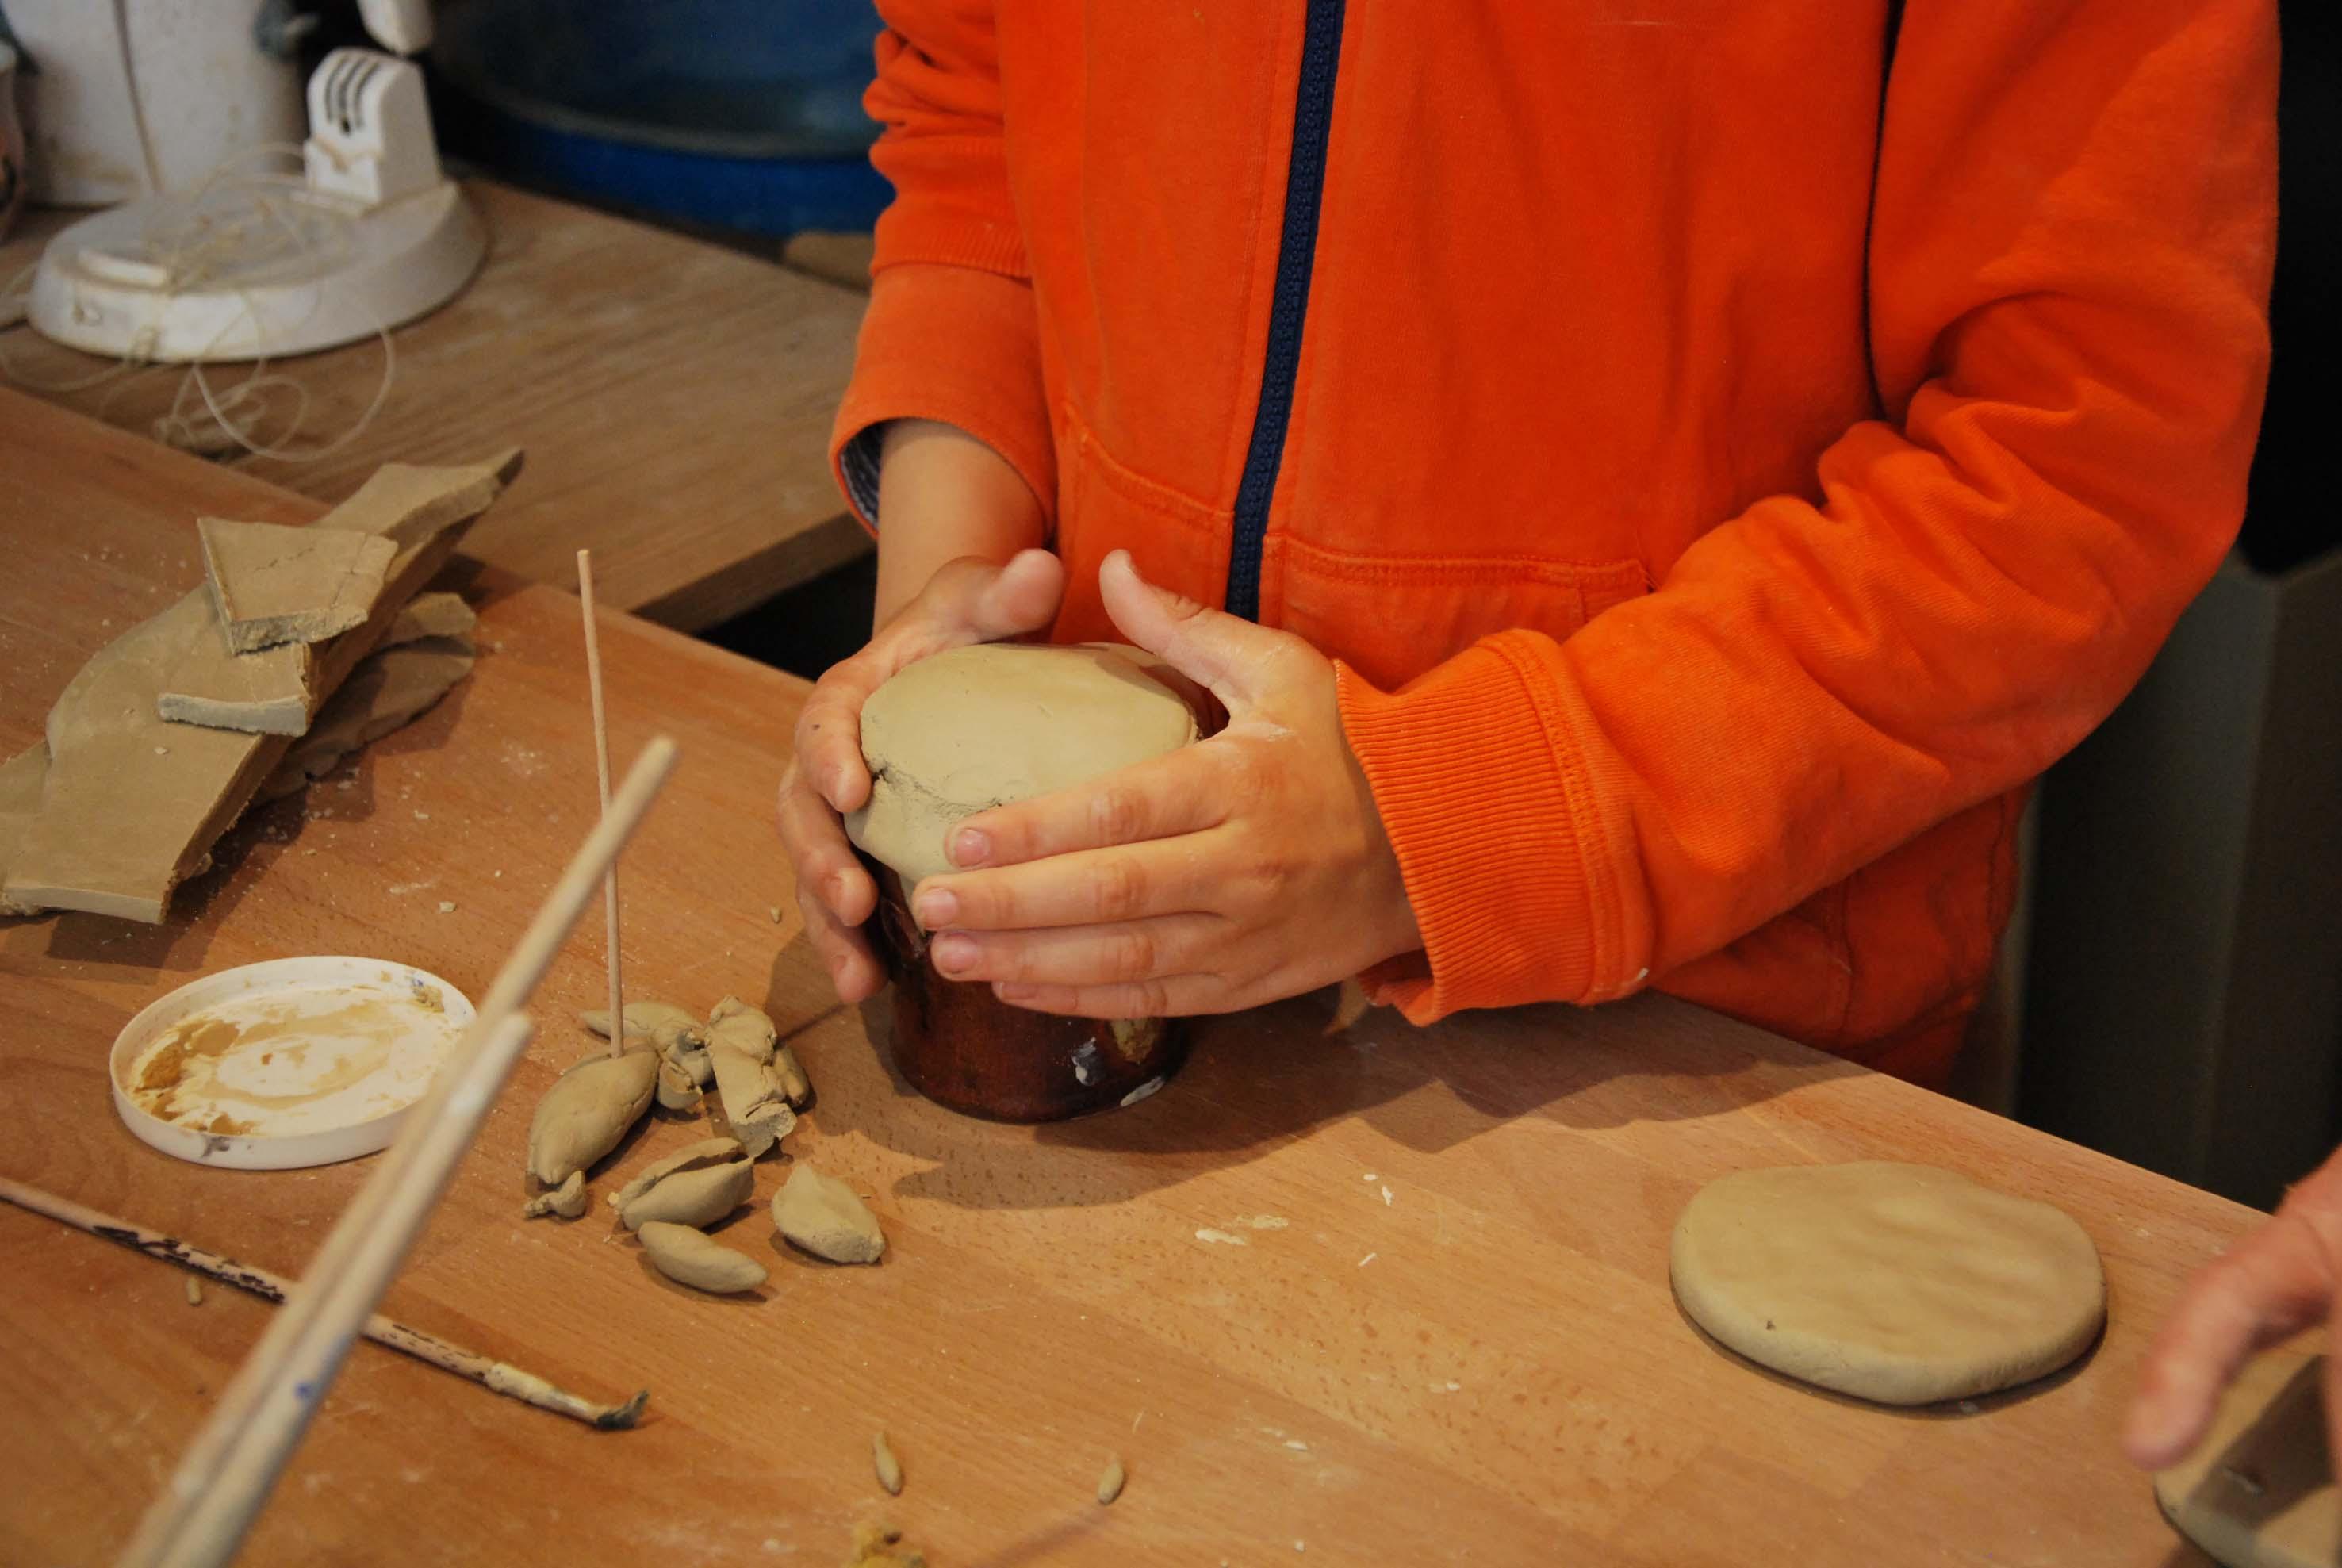 Atelier de céramique paris 18 stage modelage enfant Toussaint octobre 2020